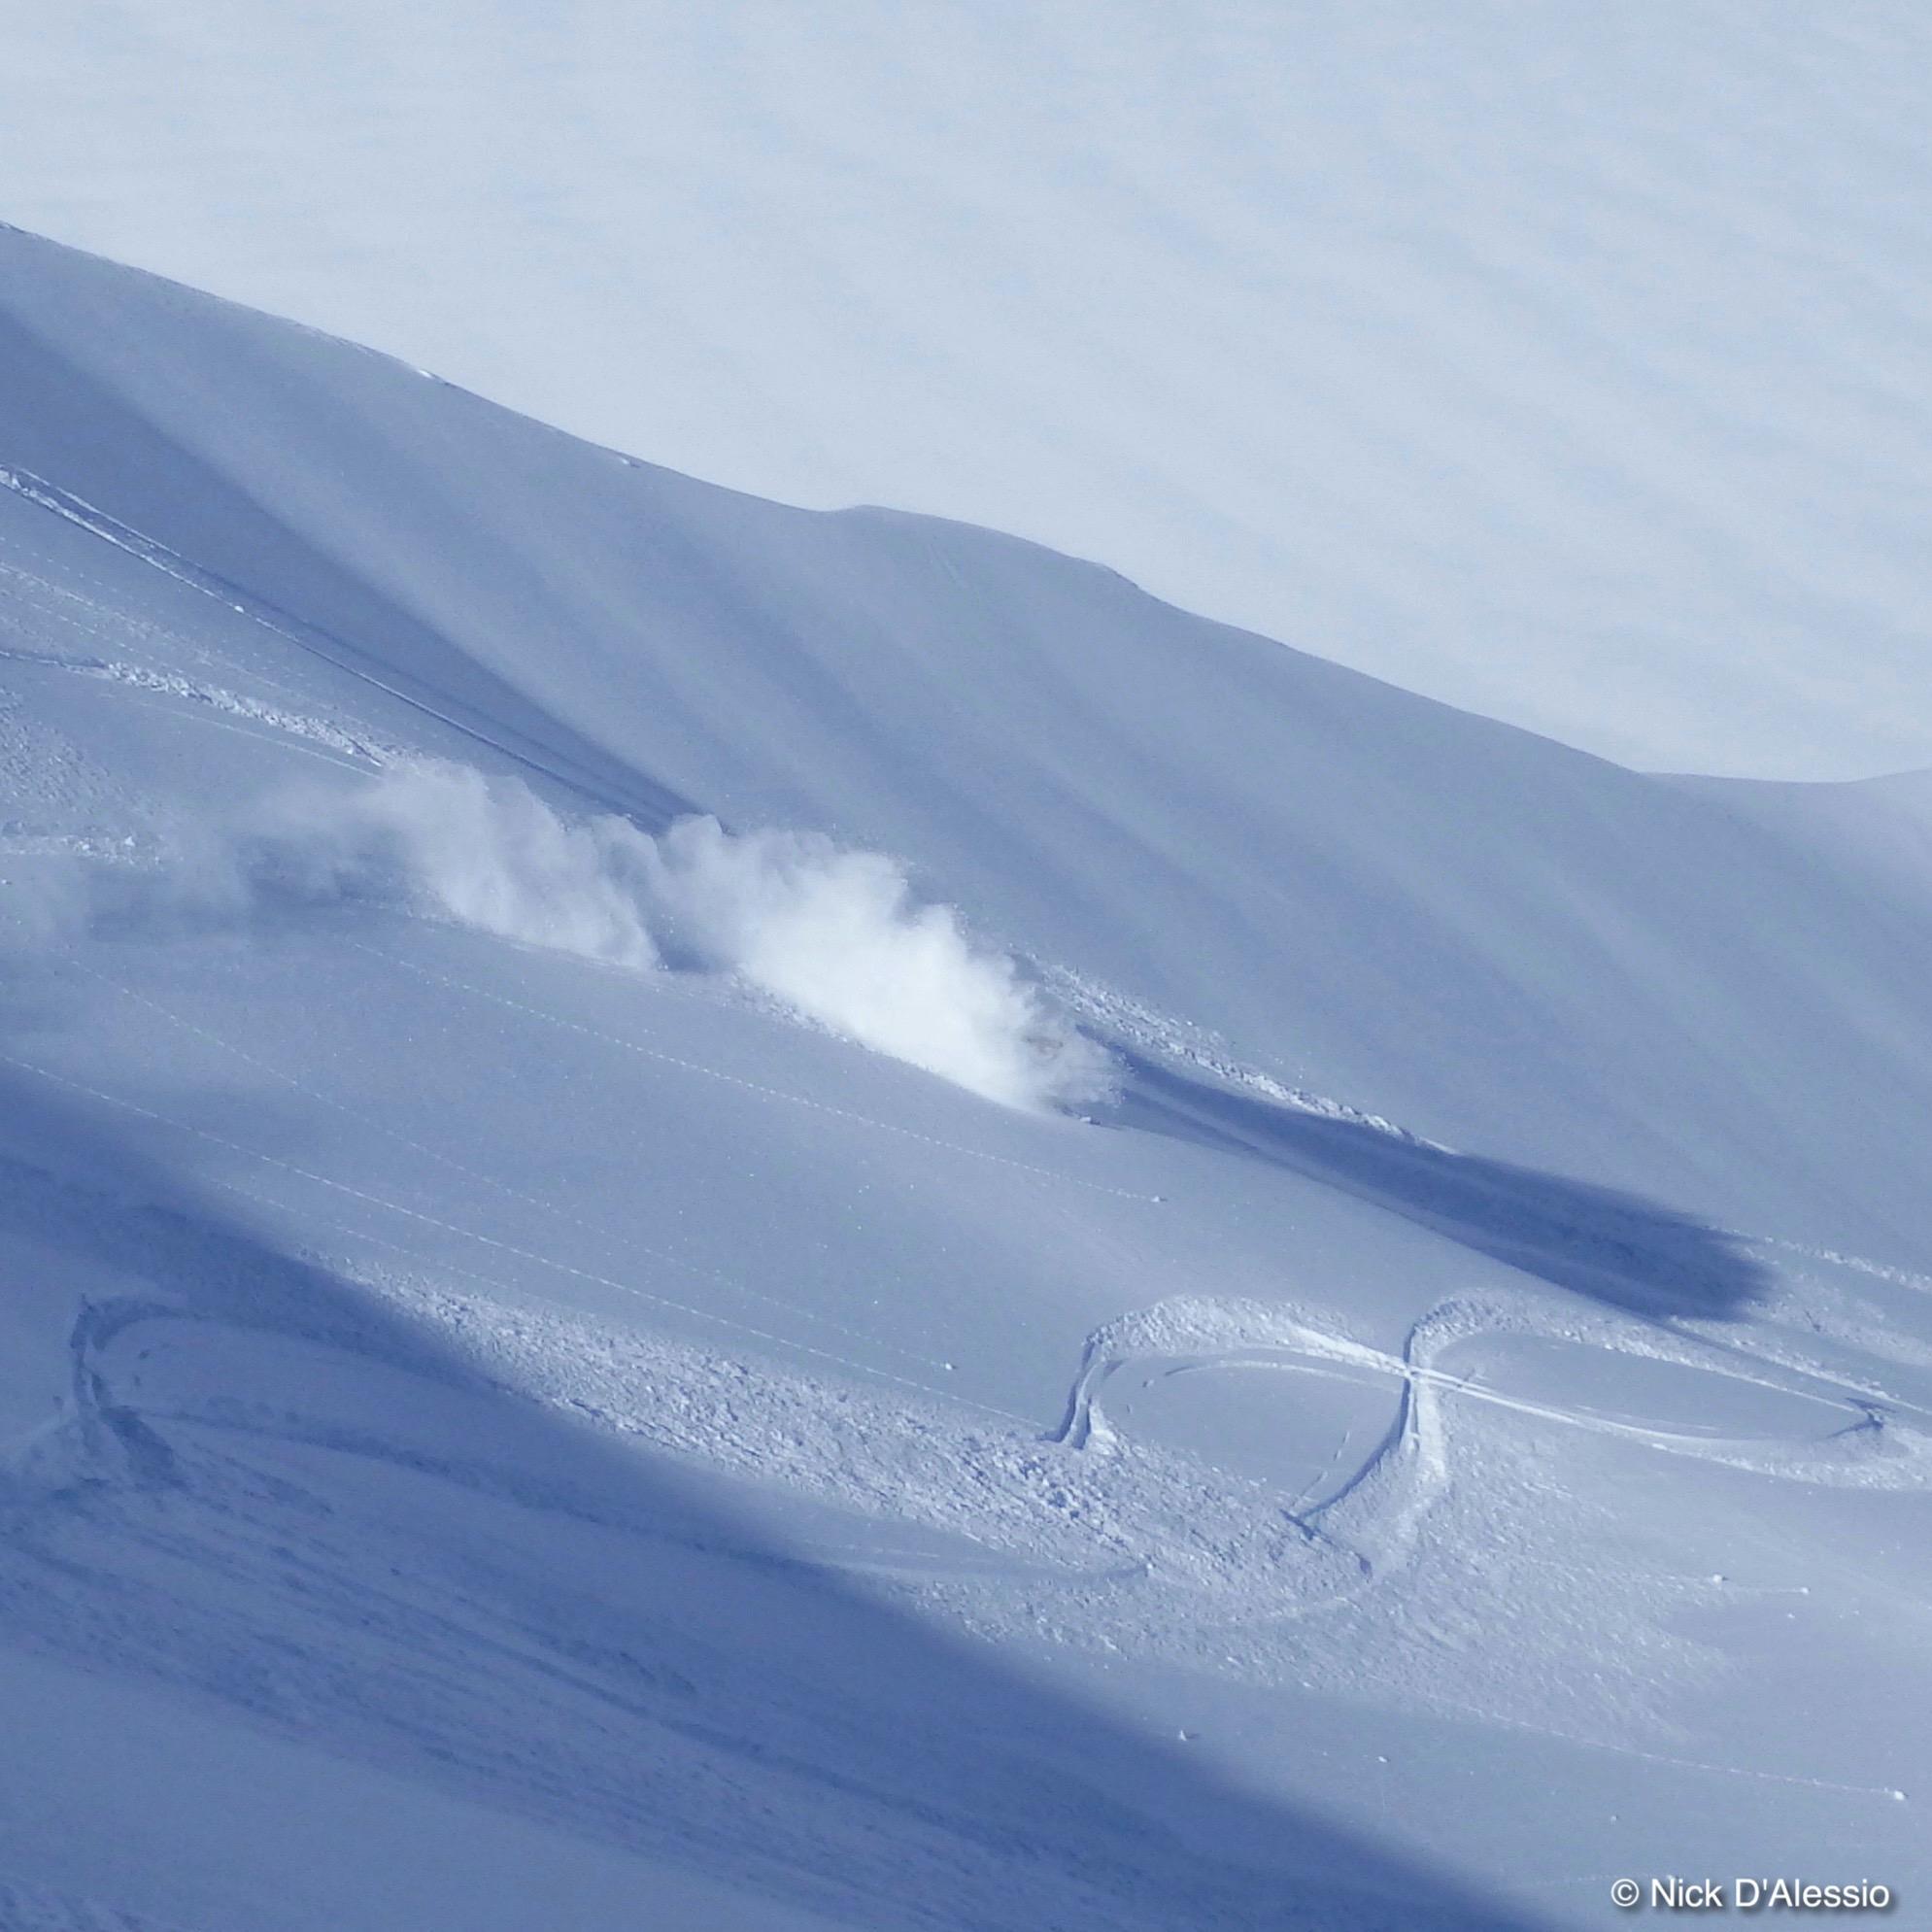 Alaska Powder Skiing